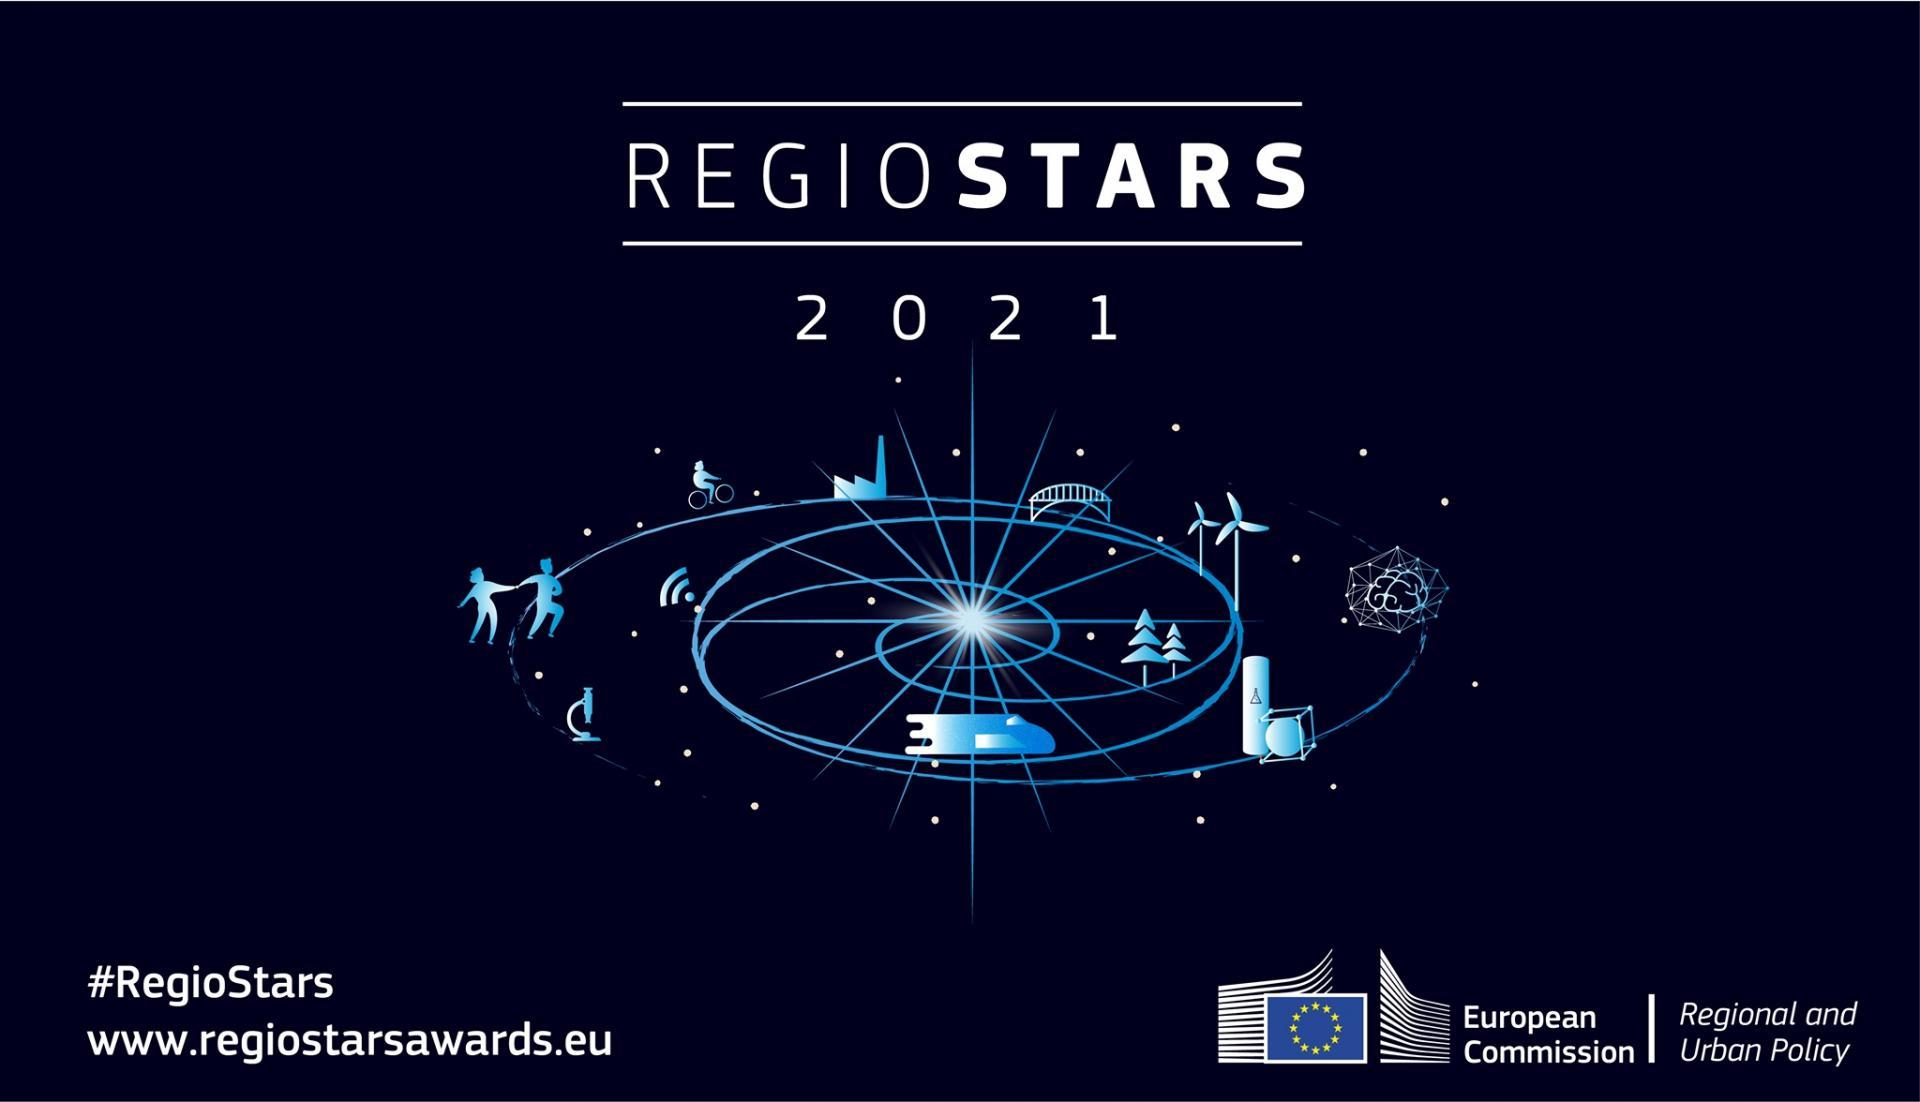 Konkurs RegiostarsAwards 2021! Czekamy na Twoje zgłoszenie - zobacz więcej